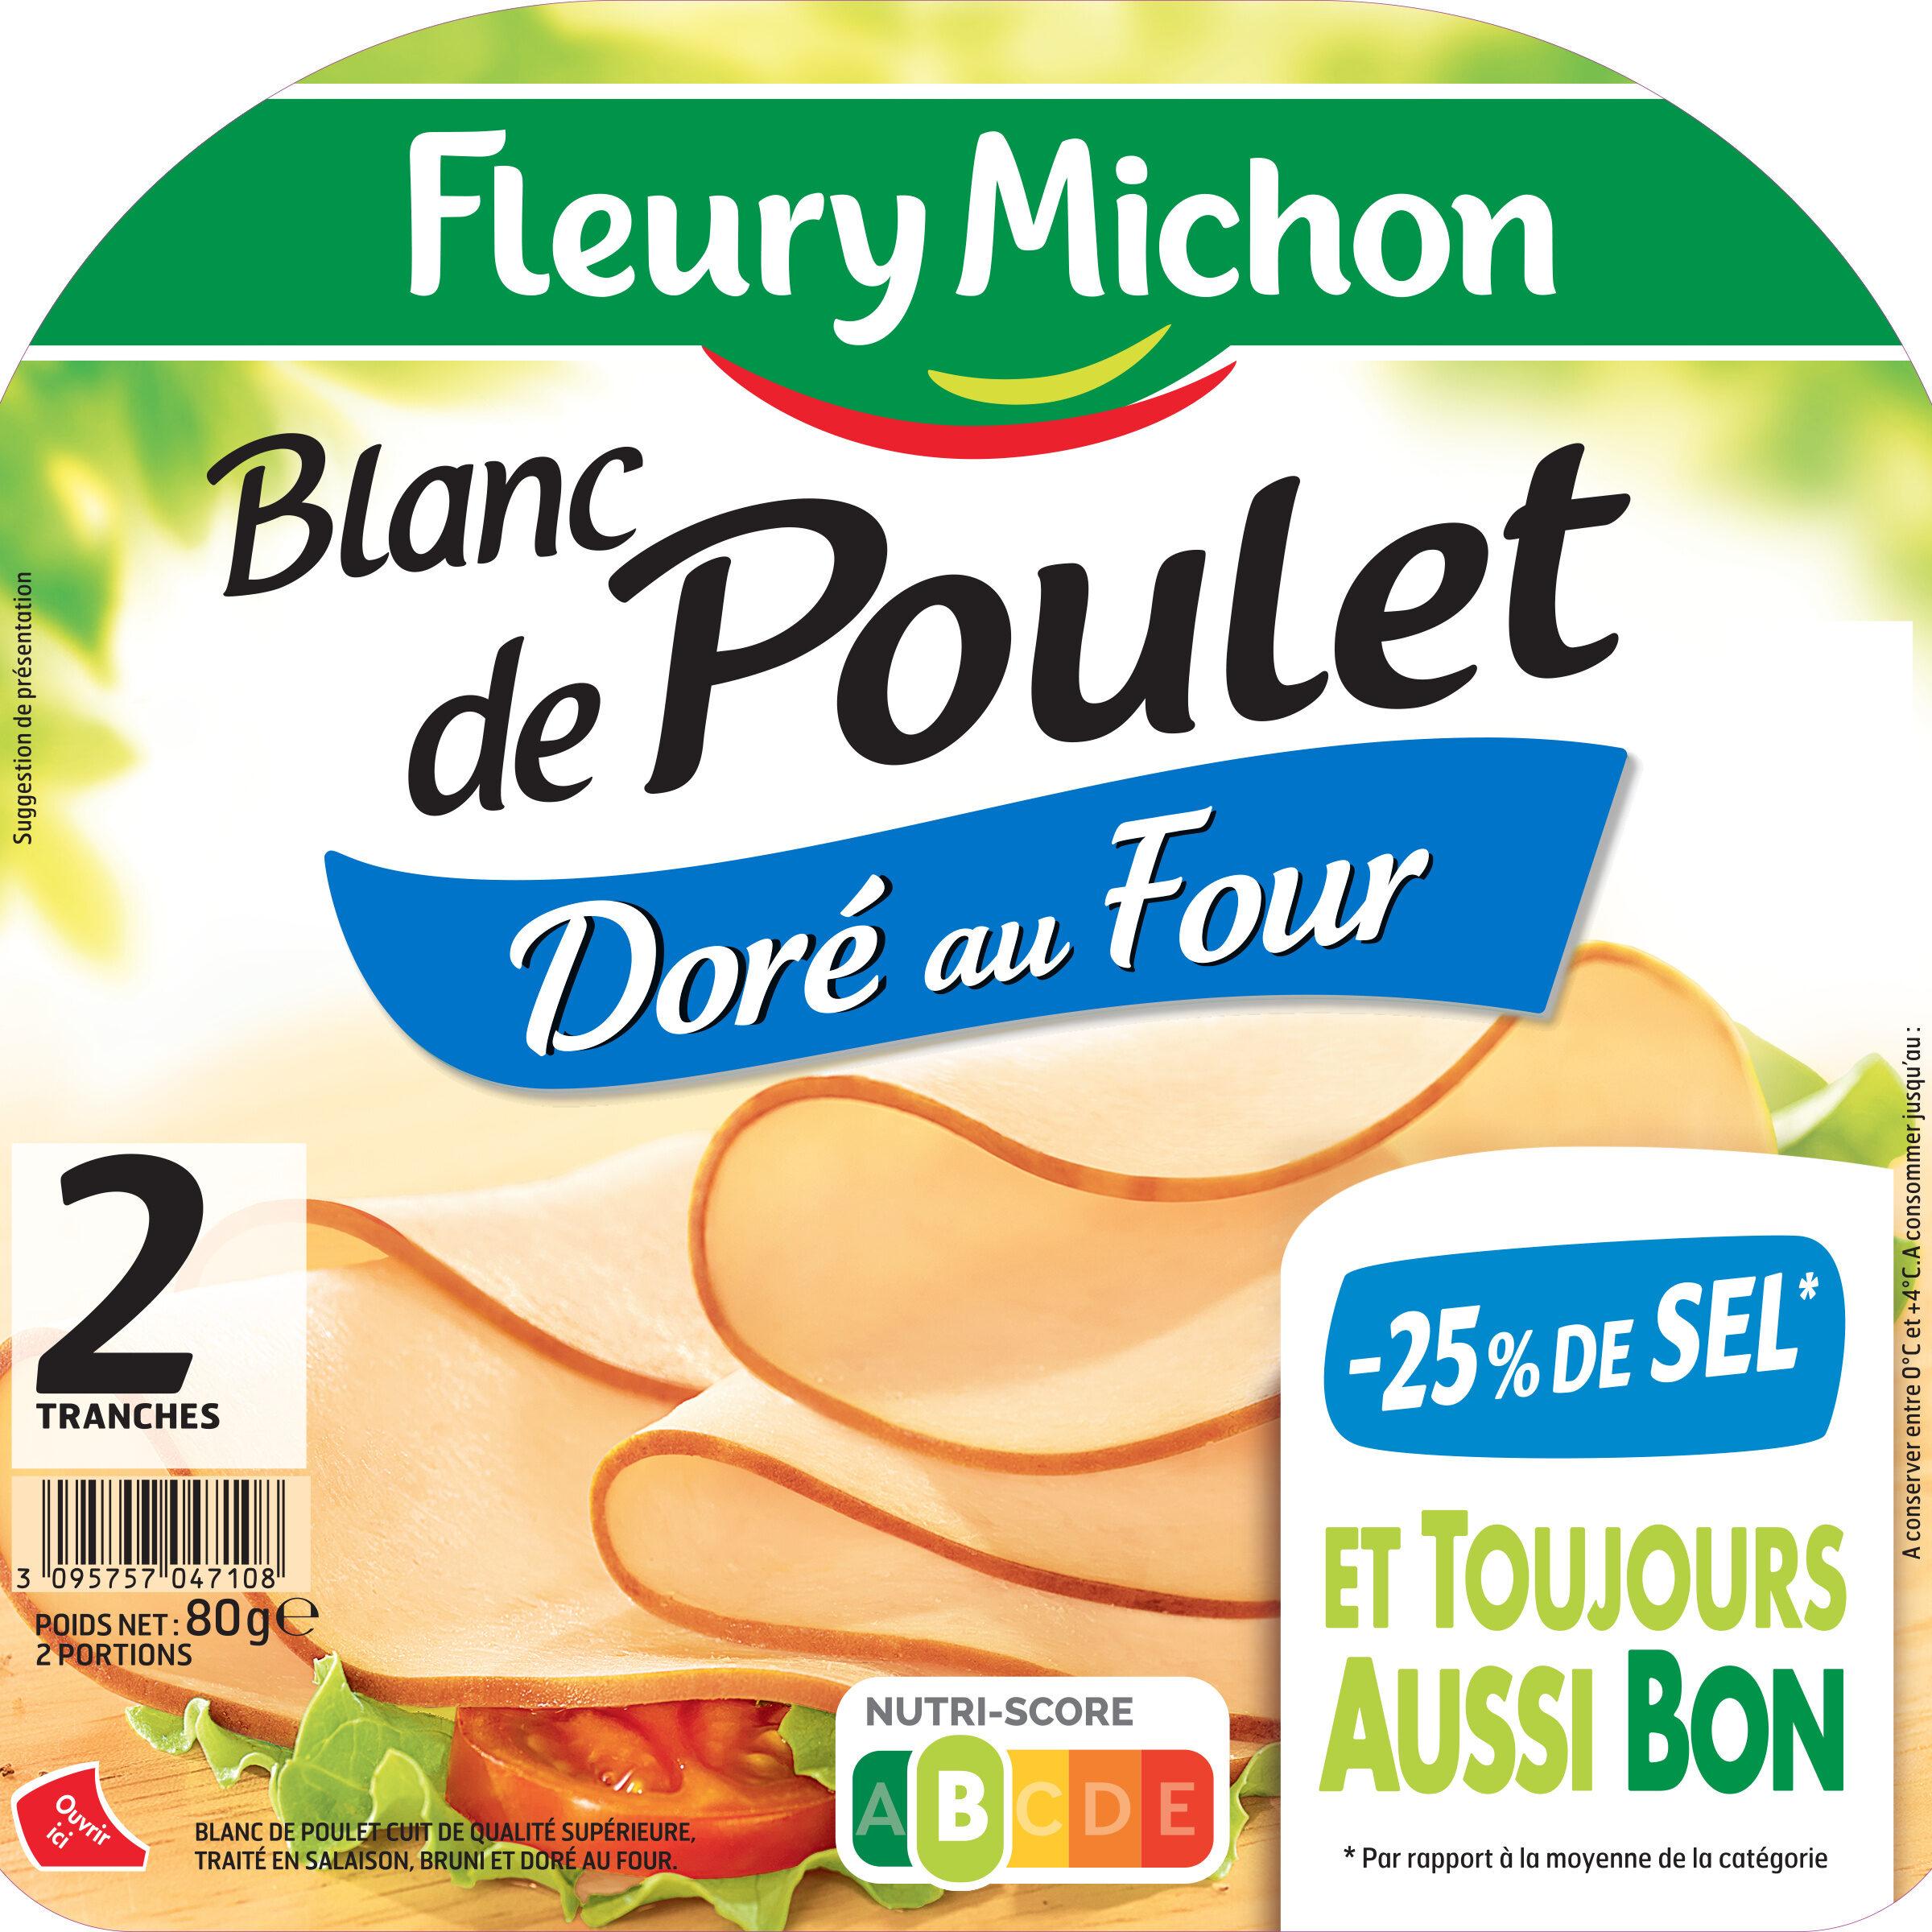 Blanc de poulet doré au four -25% de sel*- 2tr - Produit